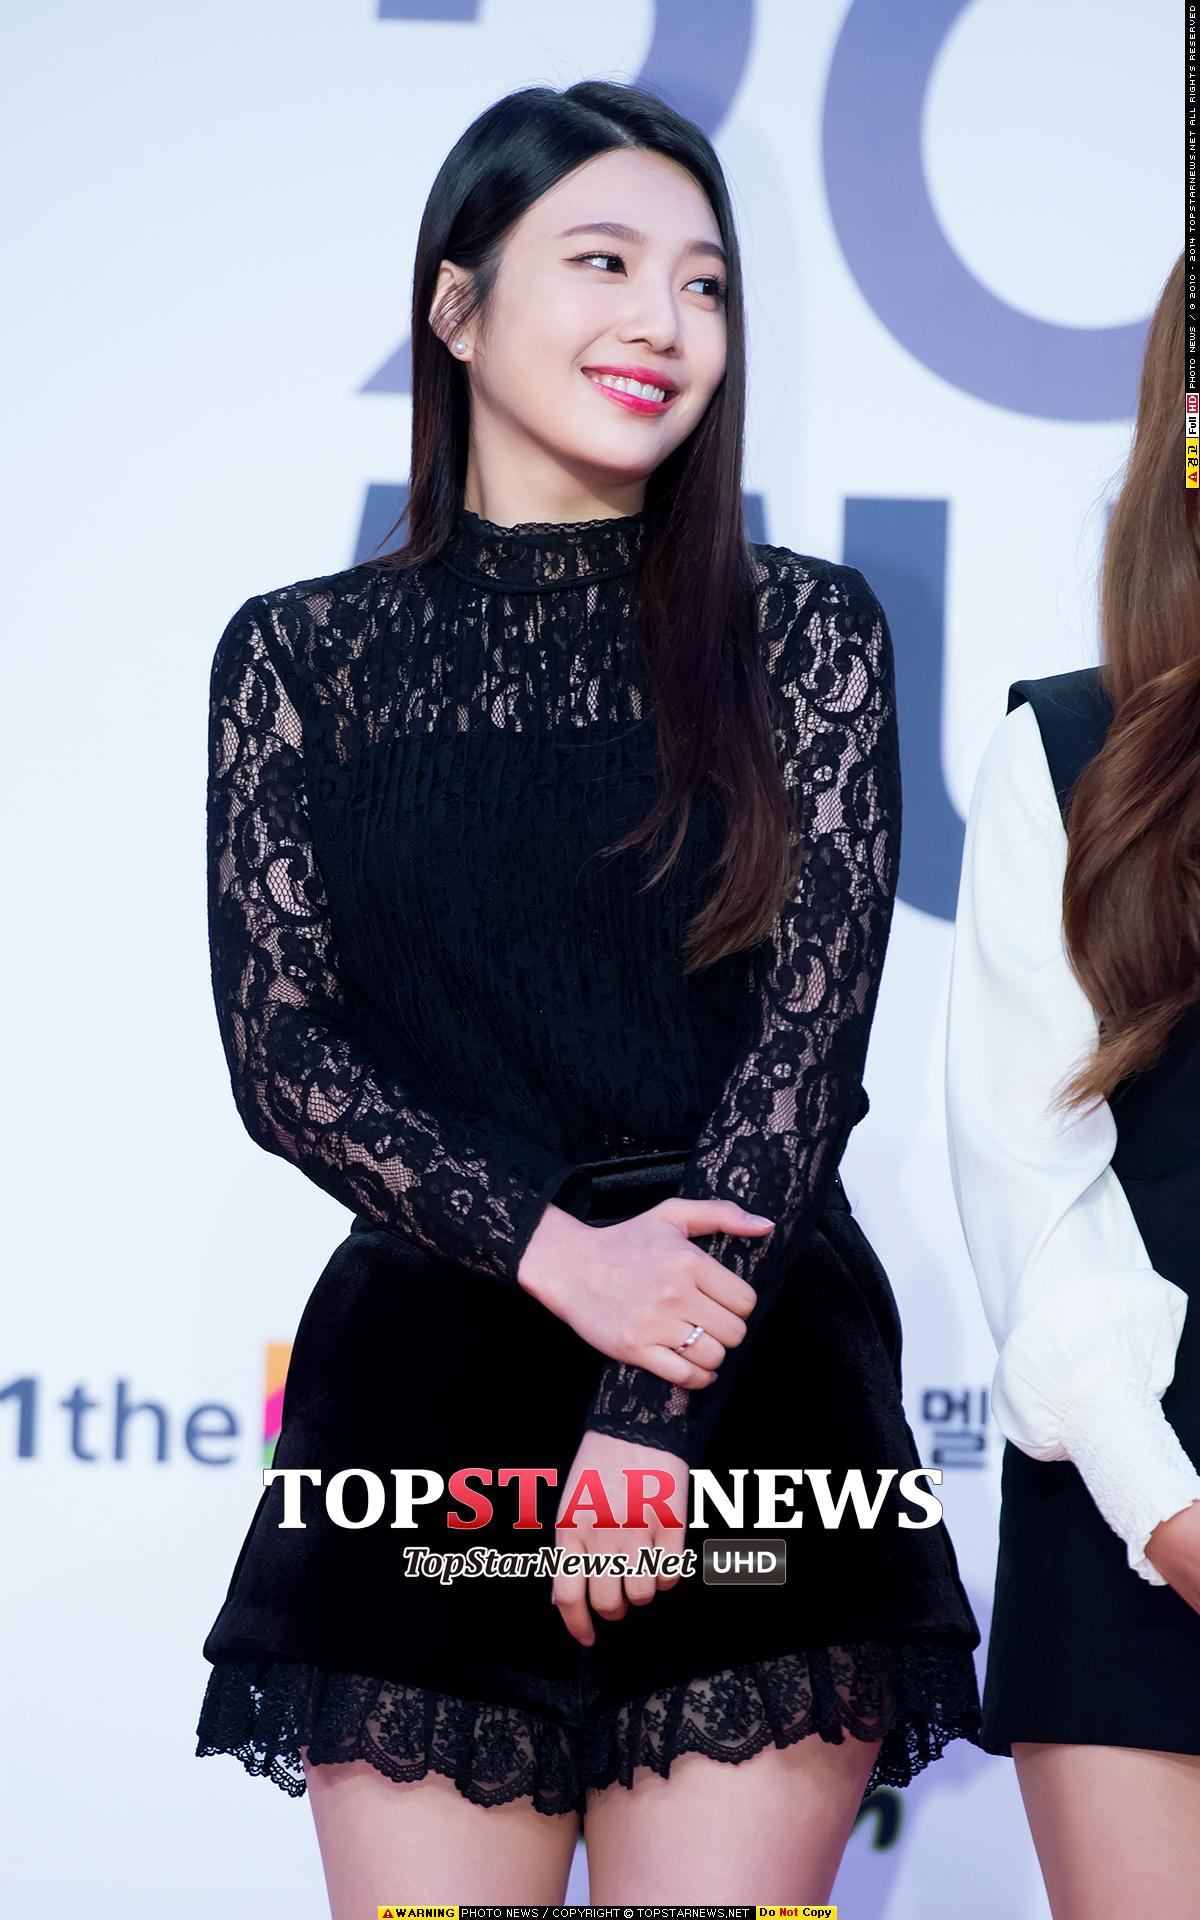 另一個女偶像是Red Velvet成員Joy!小編實在不解啊…Joy明明就這麼可愛ㅜ.ㅜ